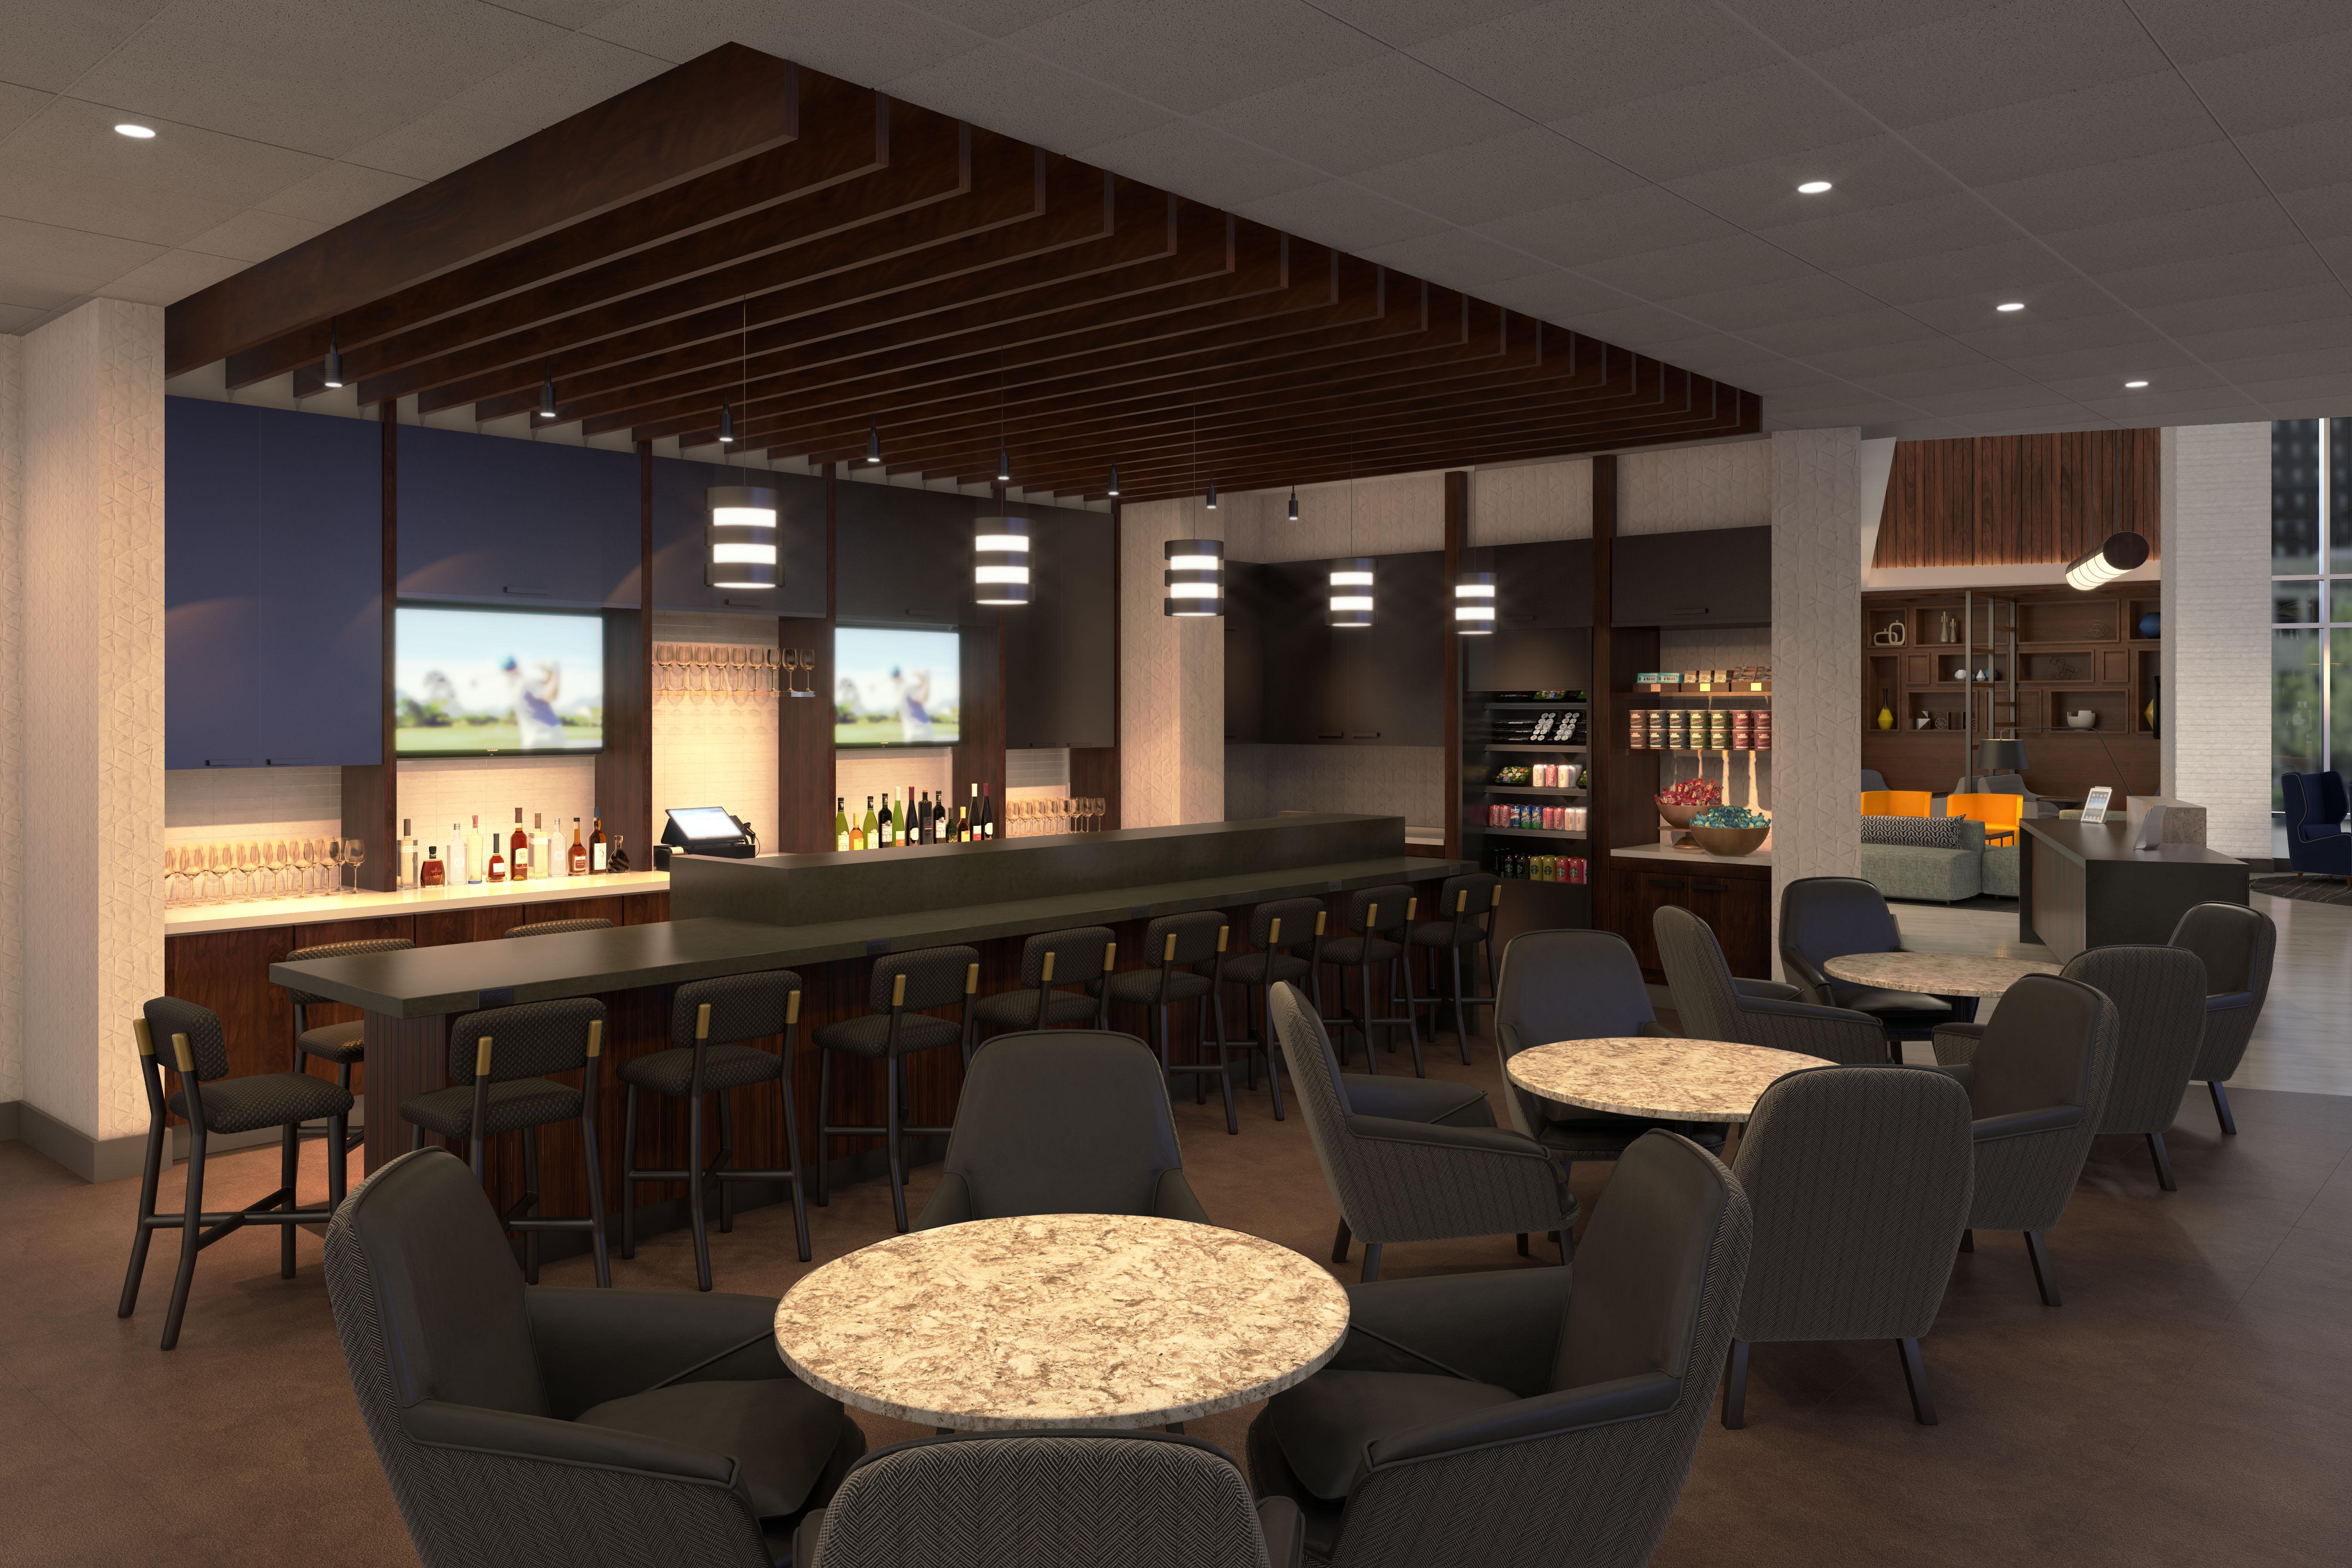 Hyatt Place Series 3 Public Space View 3 Option 2